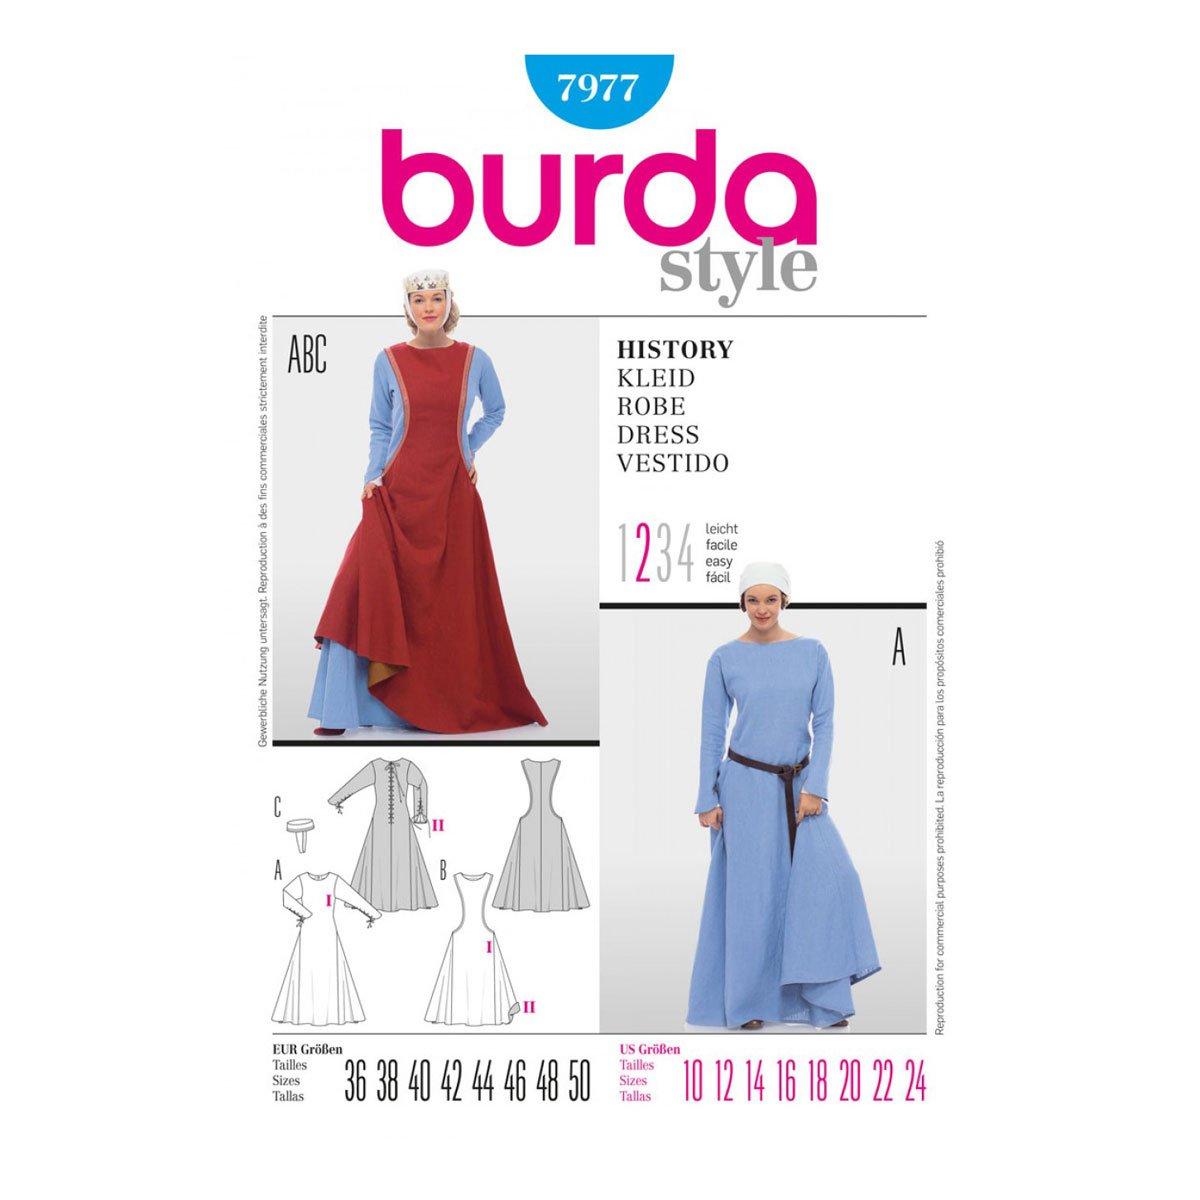 Burda Schnittmuster 7977 History Kleid,Robe,Vestido Gr. 36-50 ...